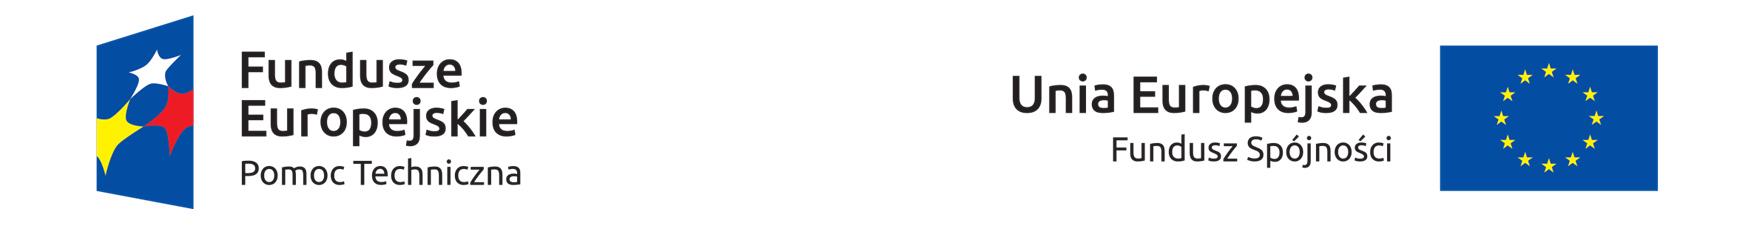 logo fundusz spójności pomoc techniczna